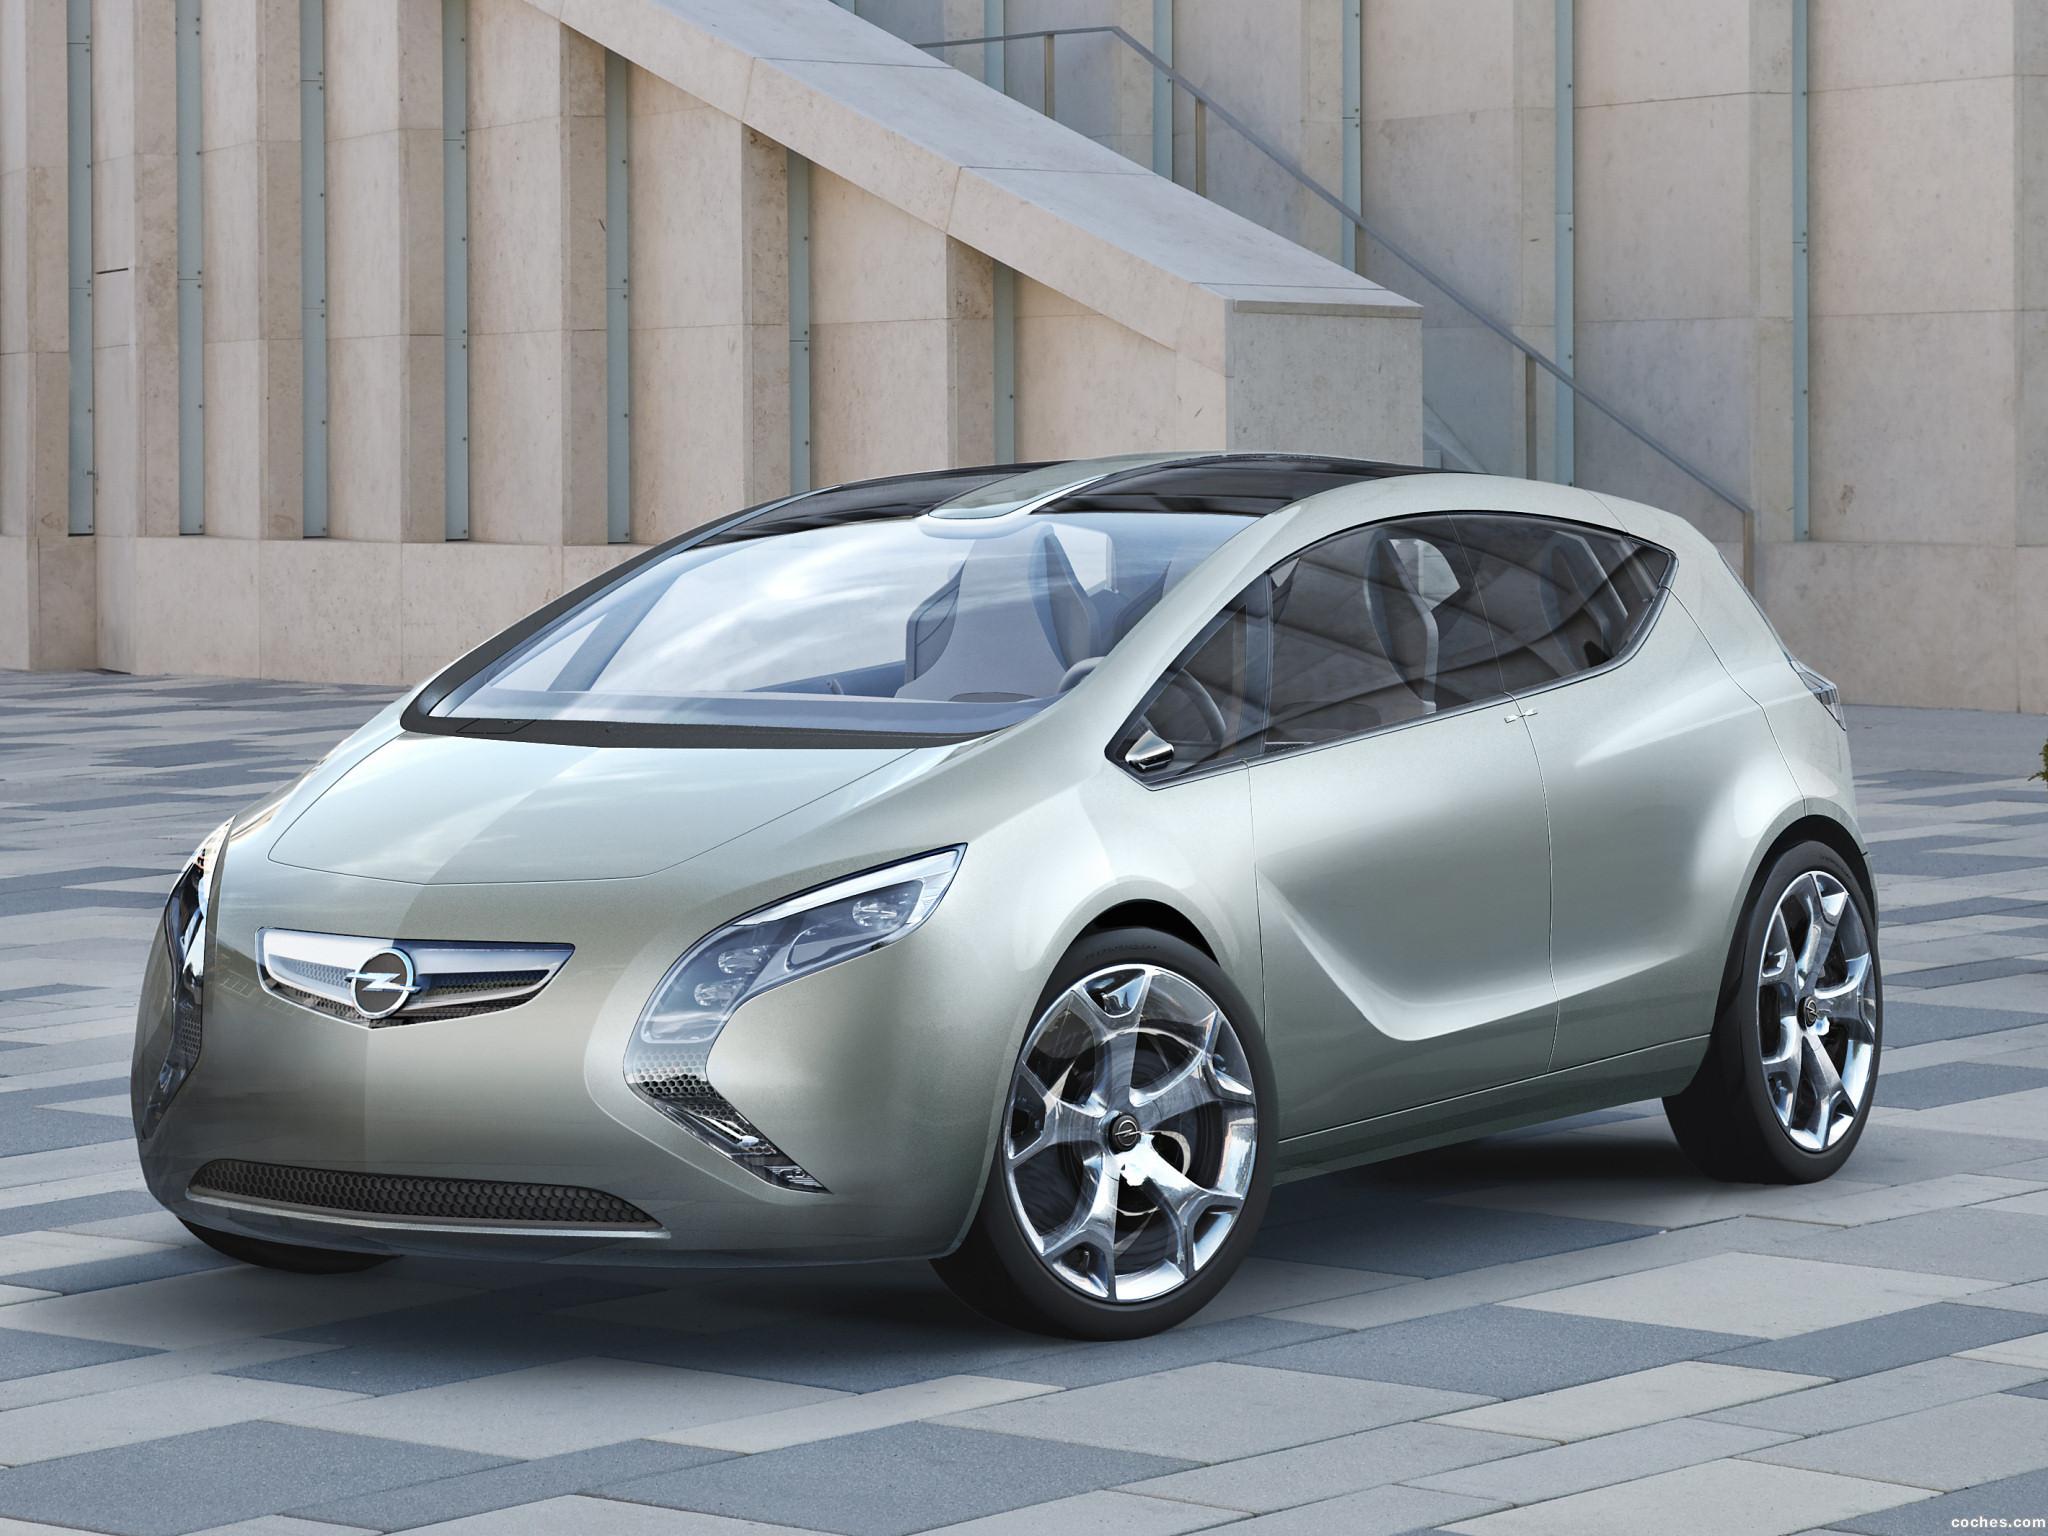 Foto 0 de Opel Flextreme Concept 2007